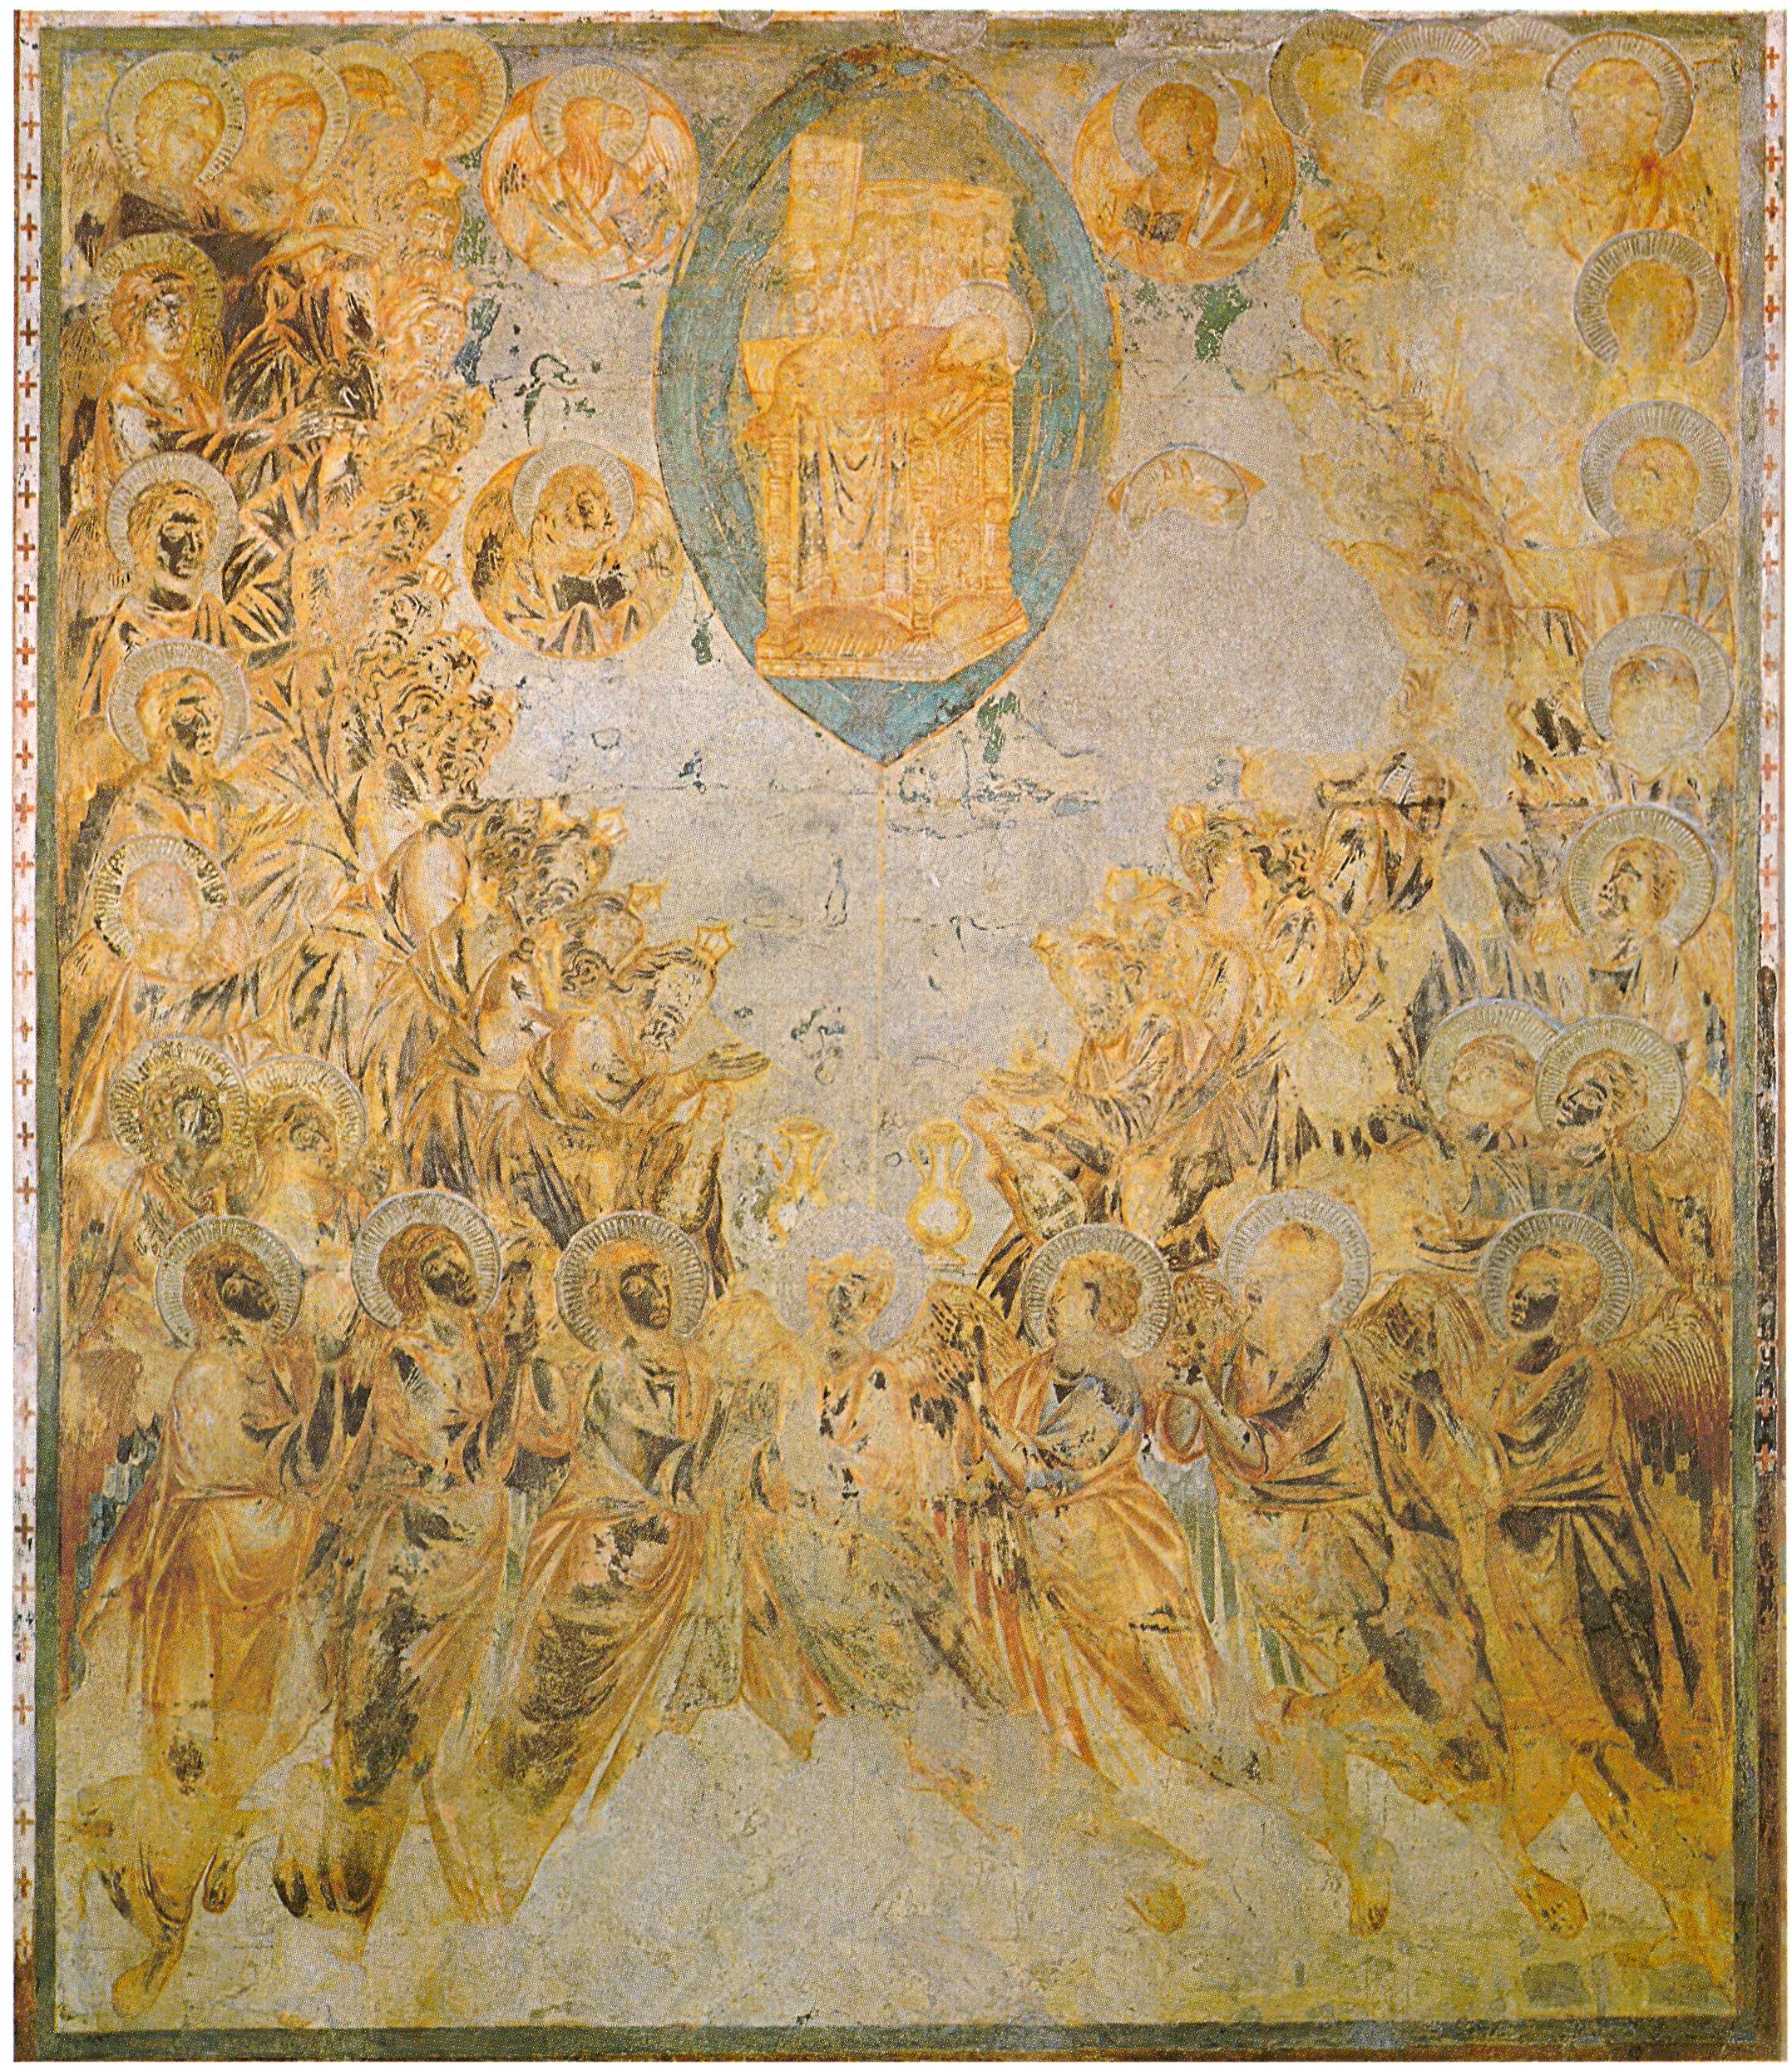 Visione del trono e libro dei sette sigilli